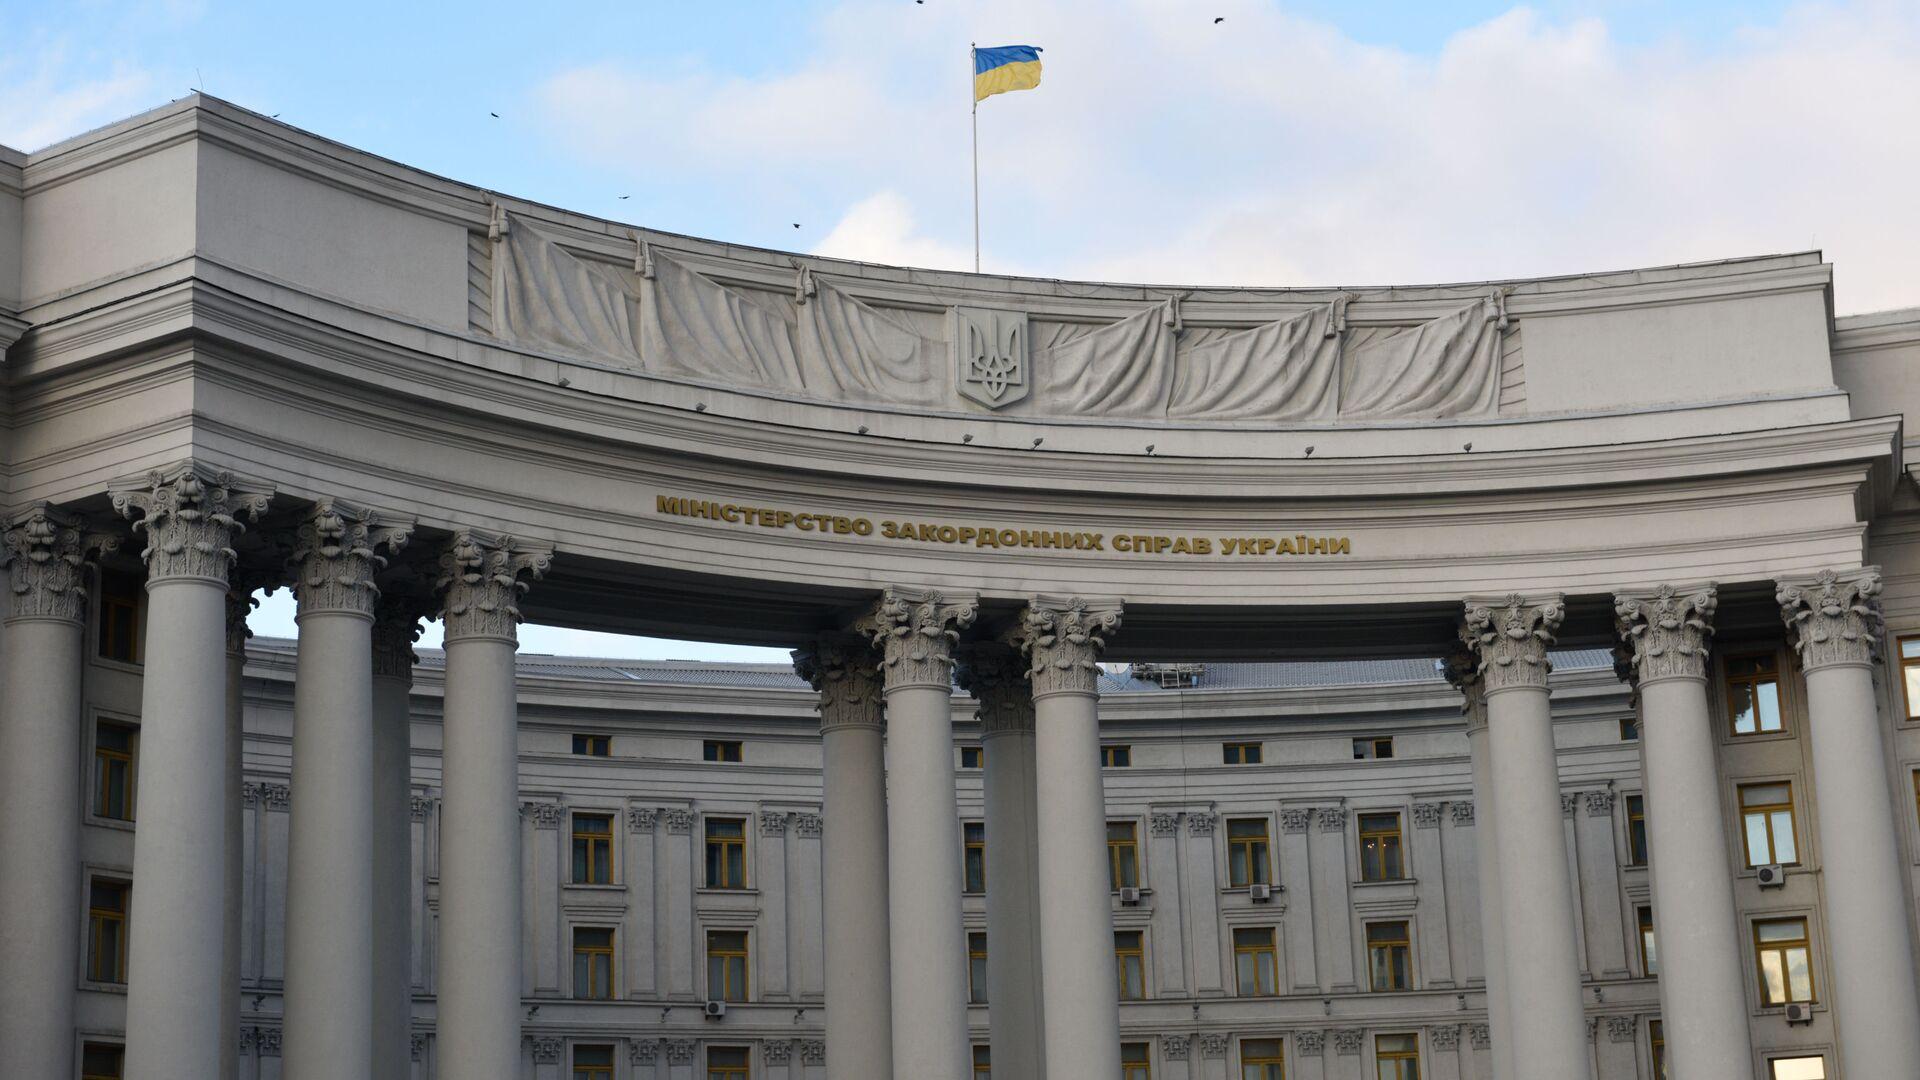 Budynek Ministerstwa Spraw Zagranicznych w Kijowie, Ukraina - Sputnik Polska, 1920, 28.07.2021